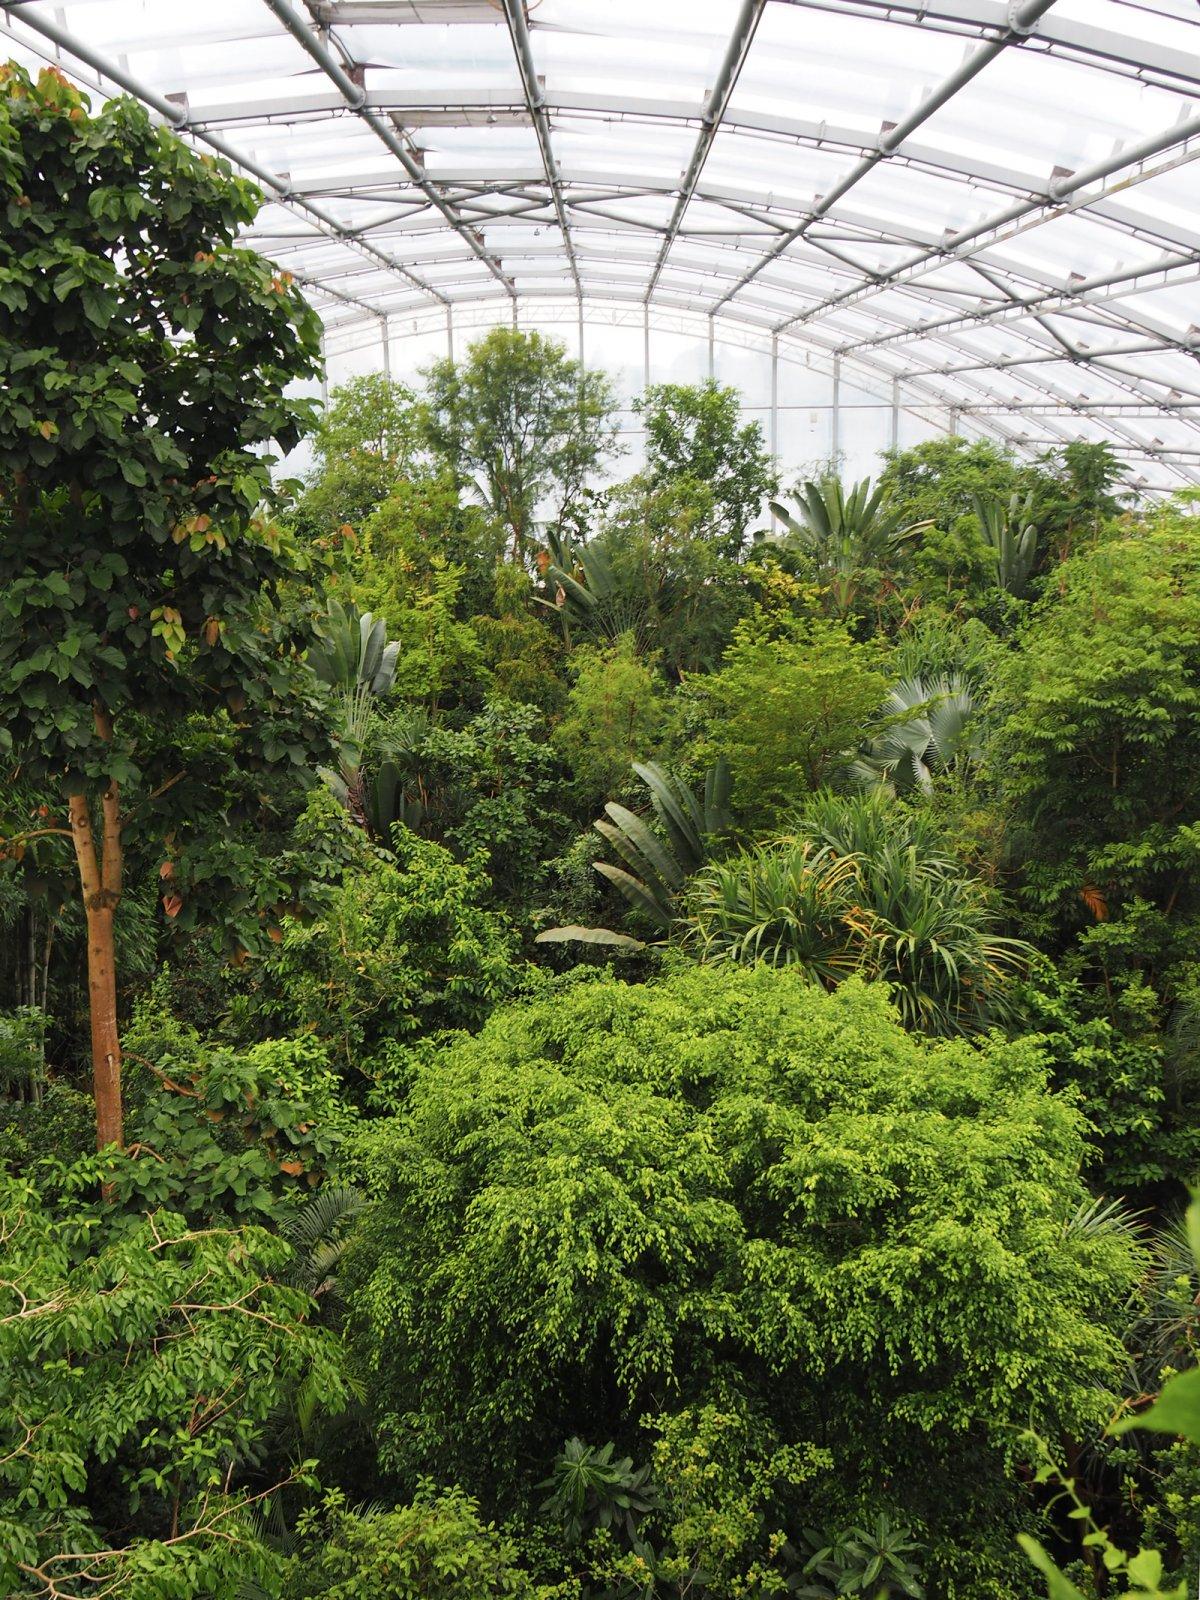 Winter in Zurich - Masoala Rainforest at Zoo Zurich